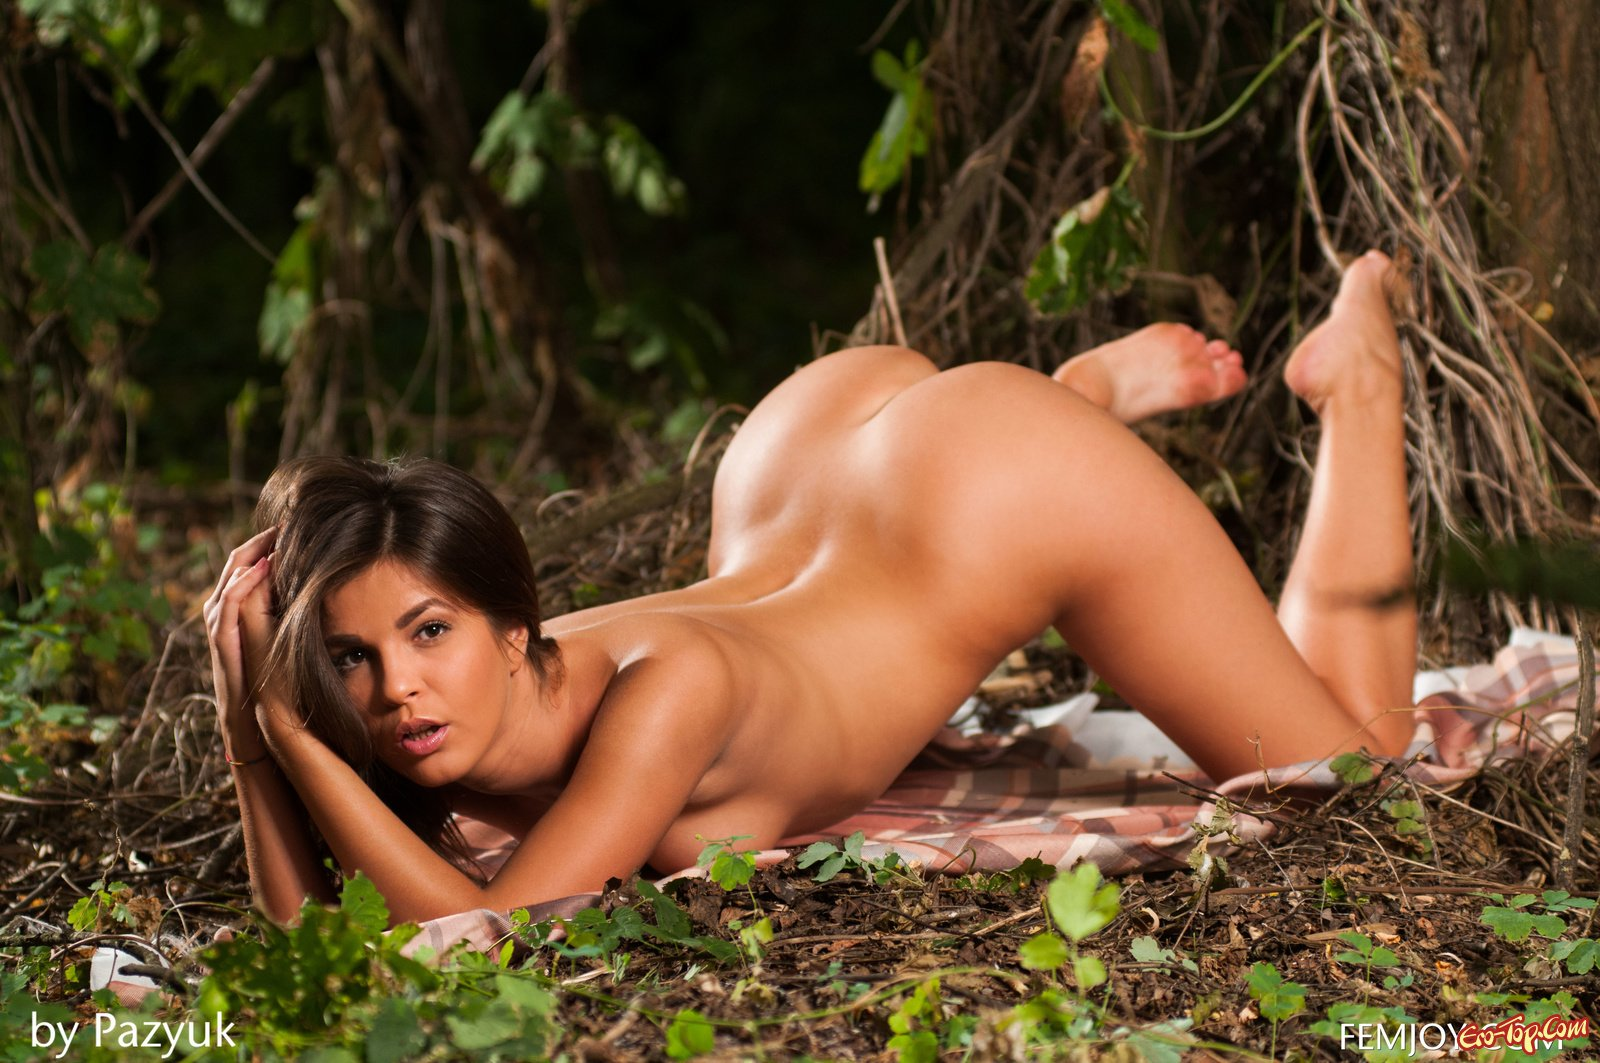 Голая мадам под деревом